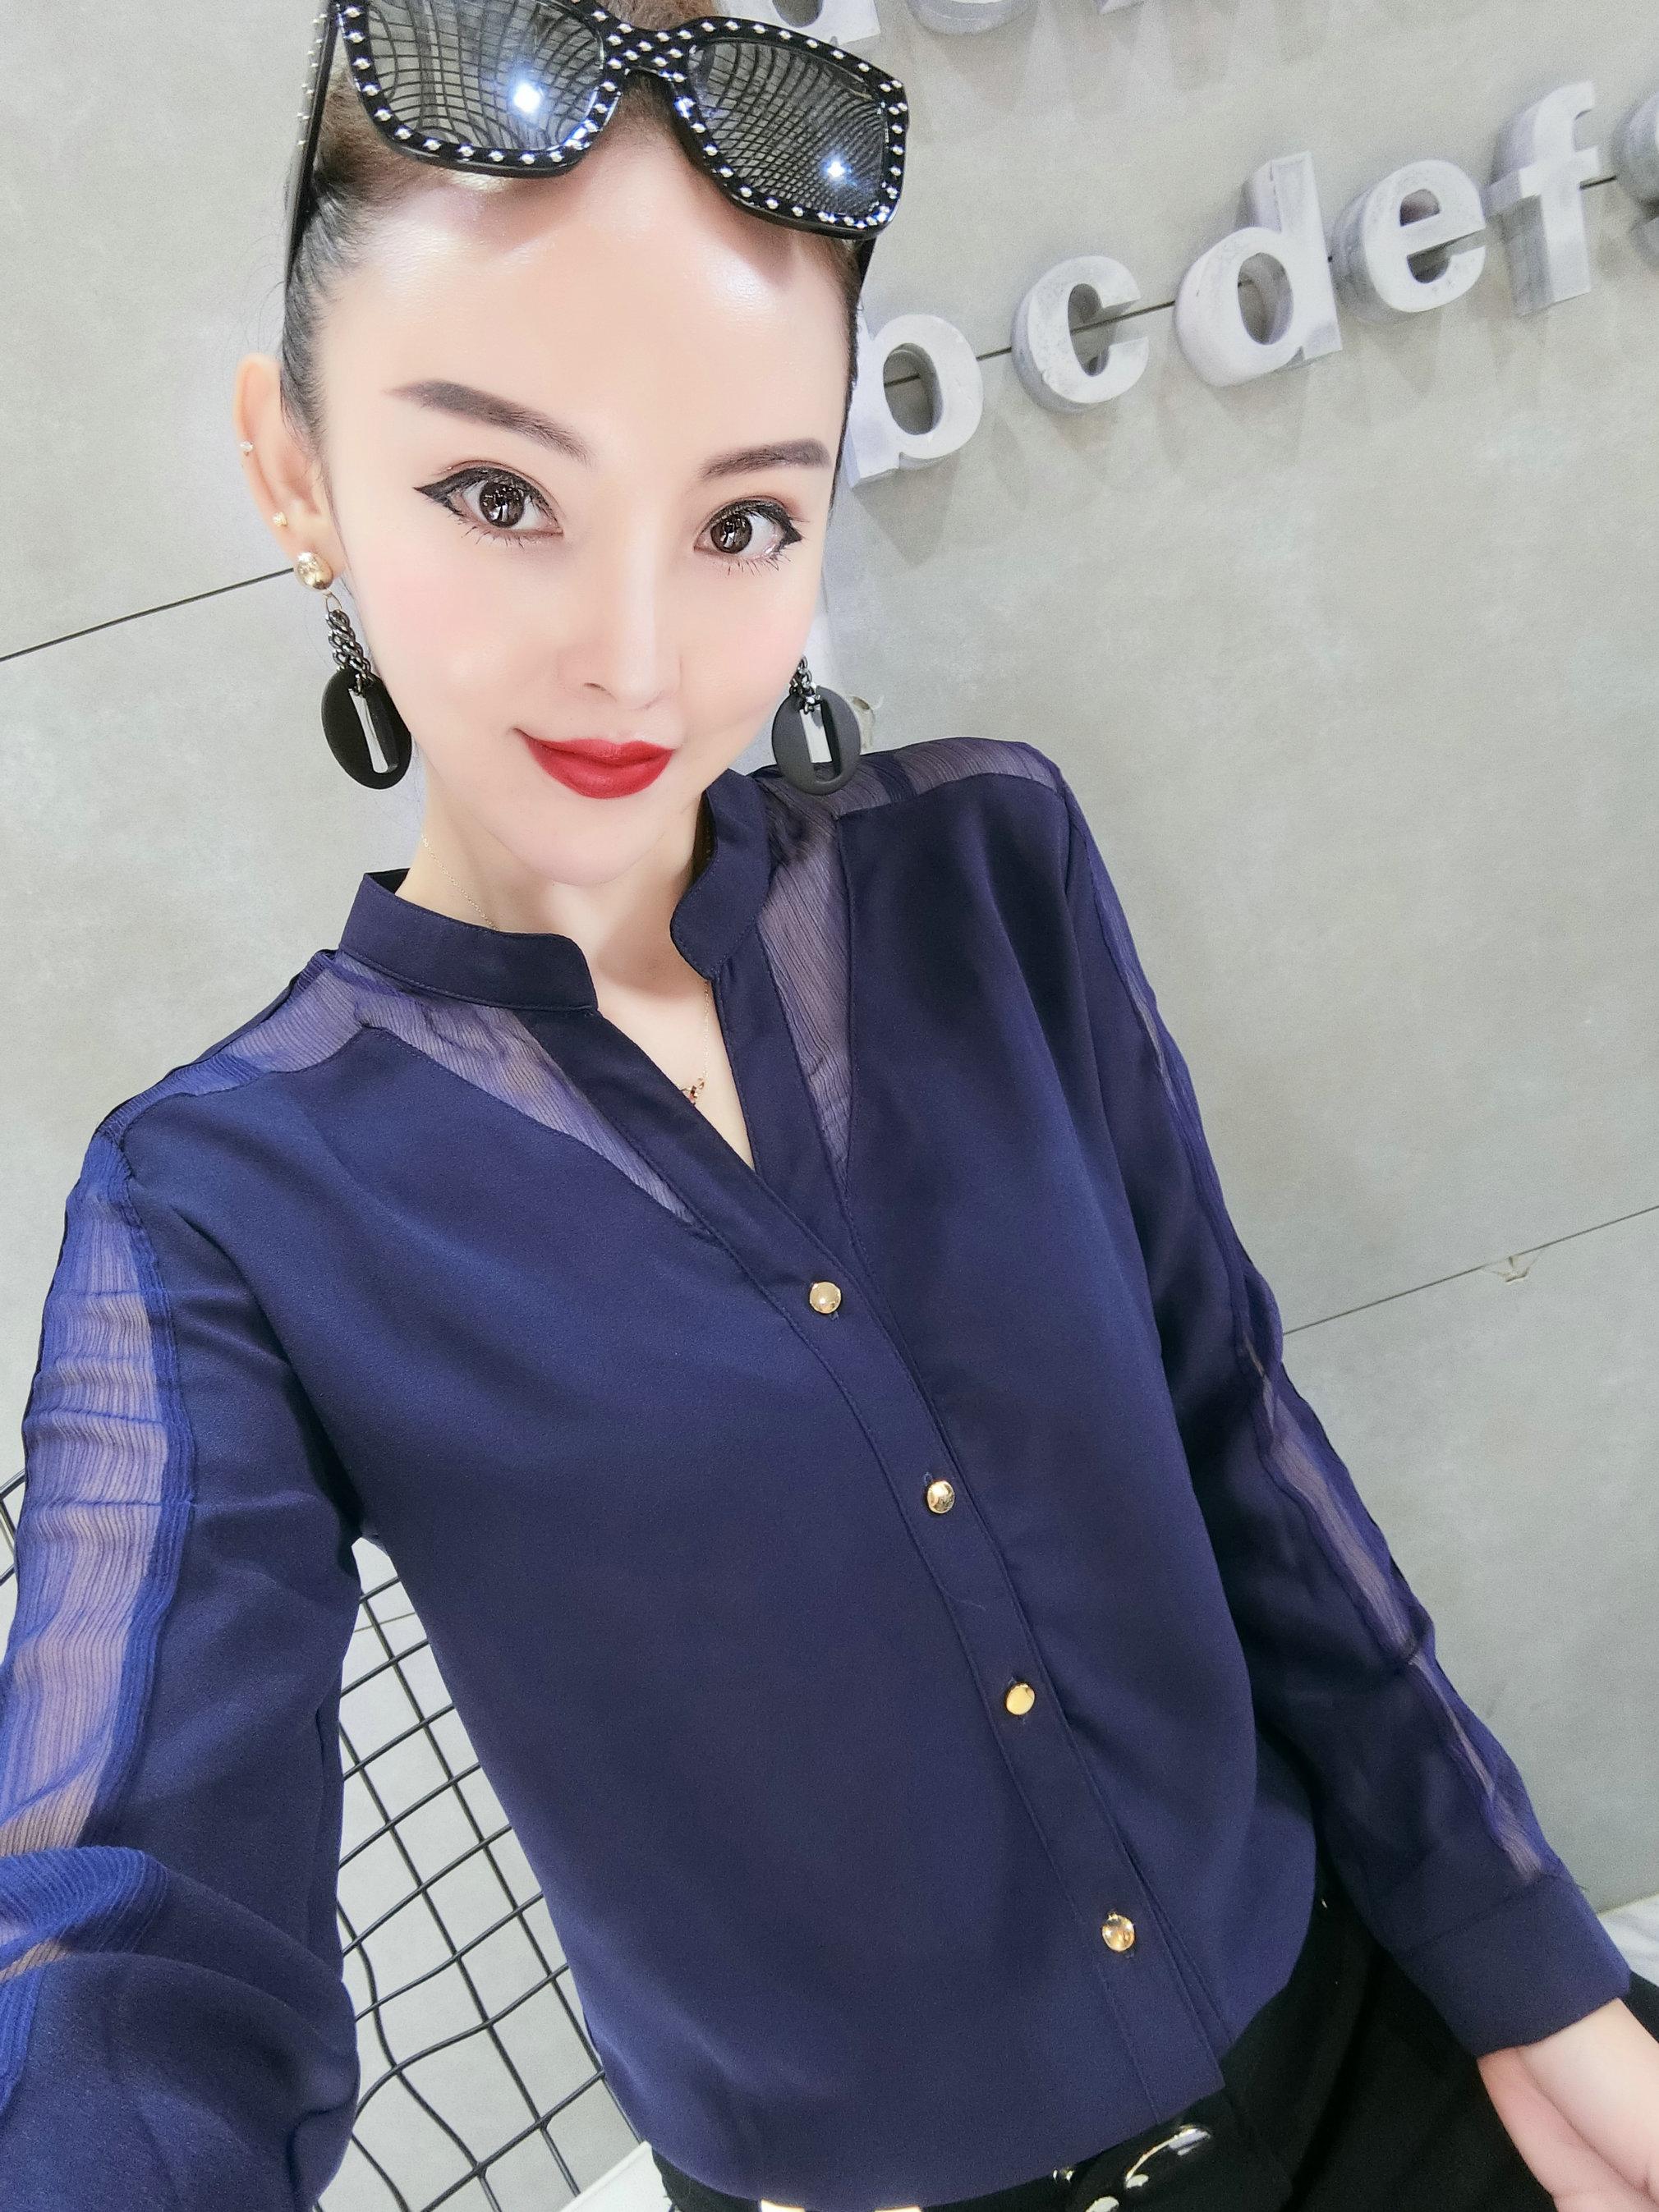 欧货女士衬衫2019新款时尚纯色气质上衣立领修身百搭精品女装潮货